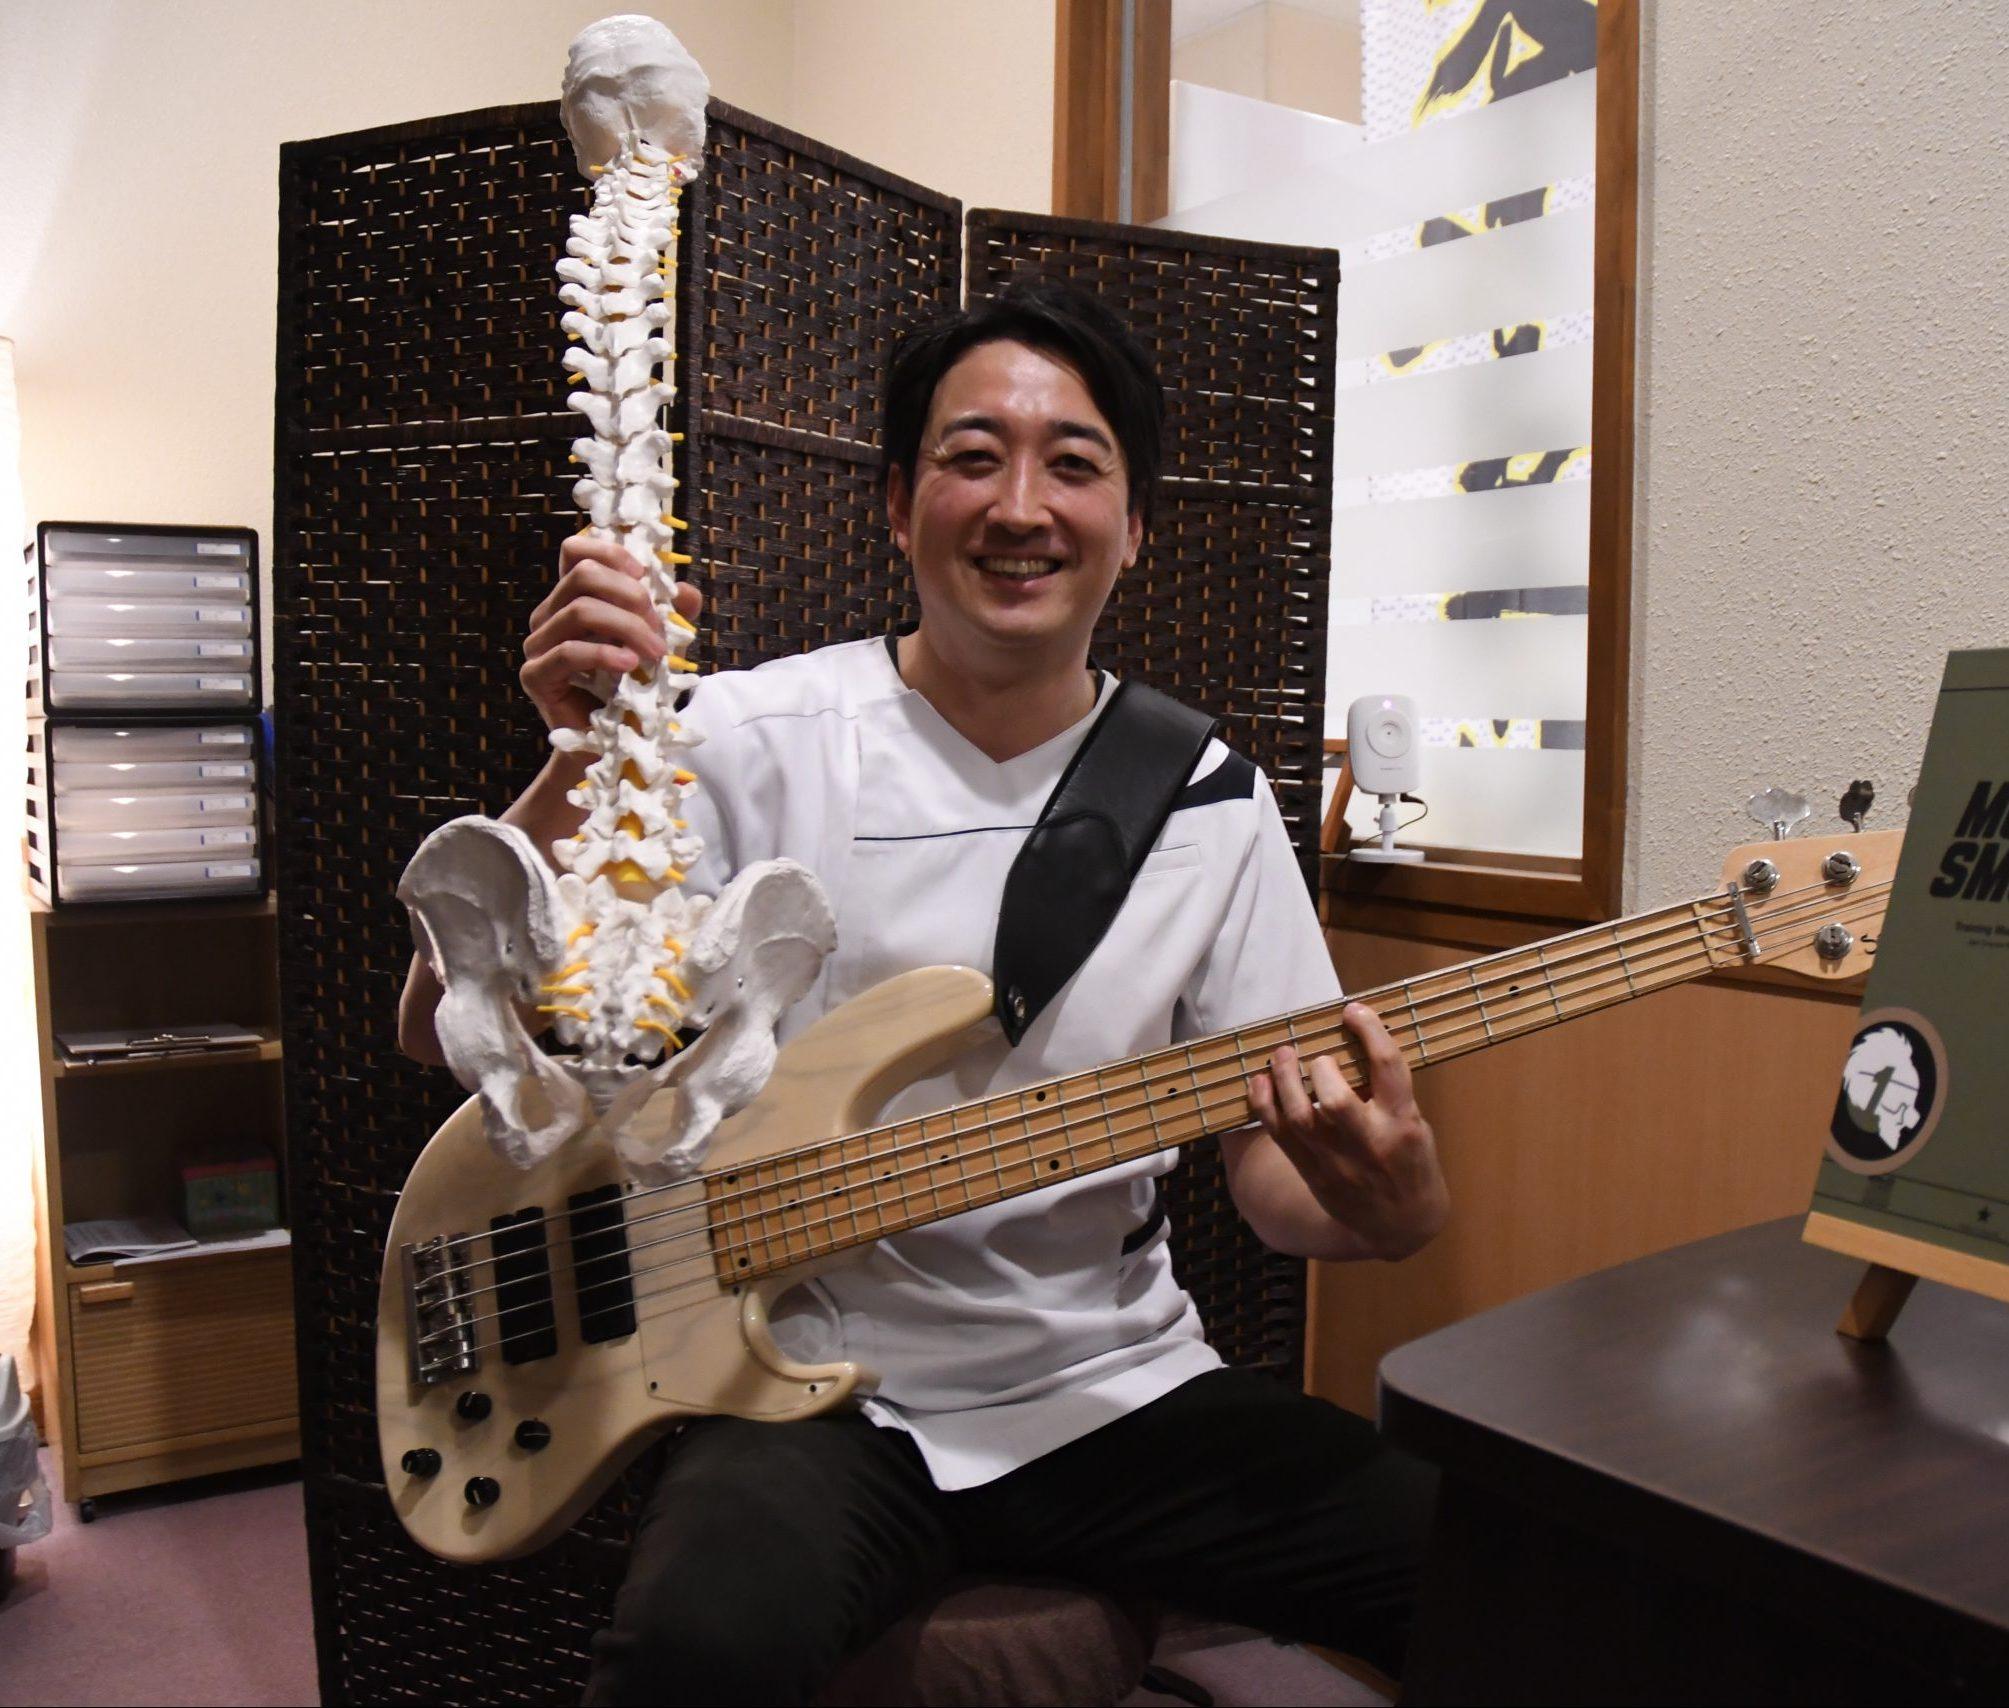 ベースギターと脊椎模型を持つ君和田さん